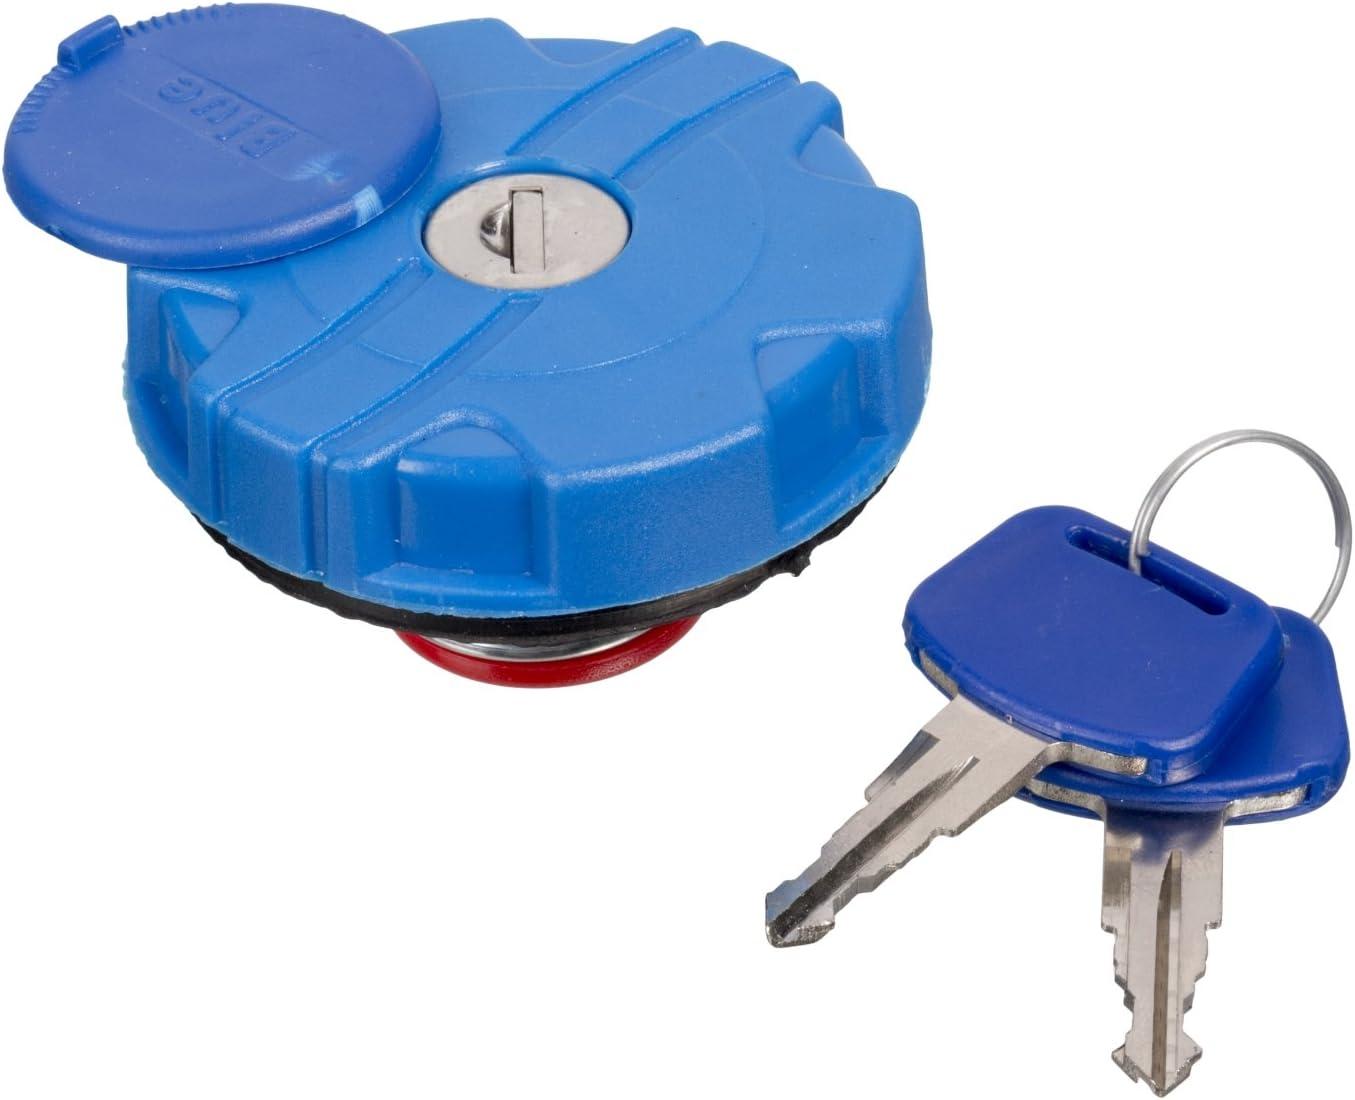 Tappo serbatoio originale con serratura con 2 chiavi EVO OE 71802520 Fiat per Fiat 500 Grande Punto